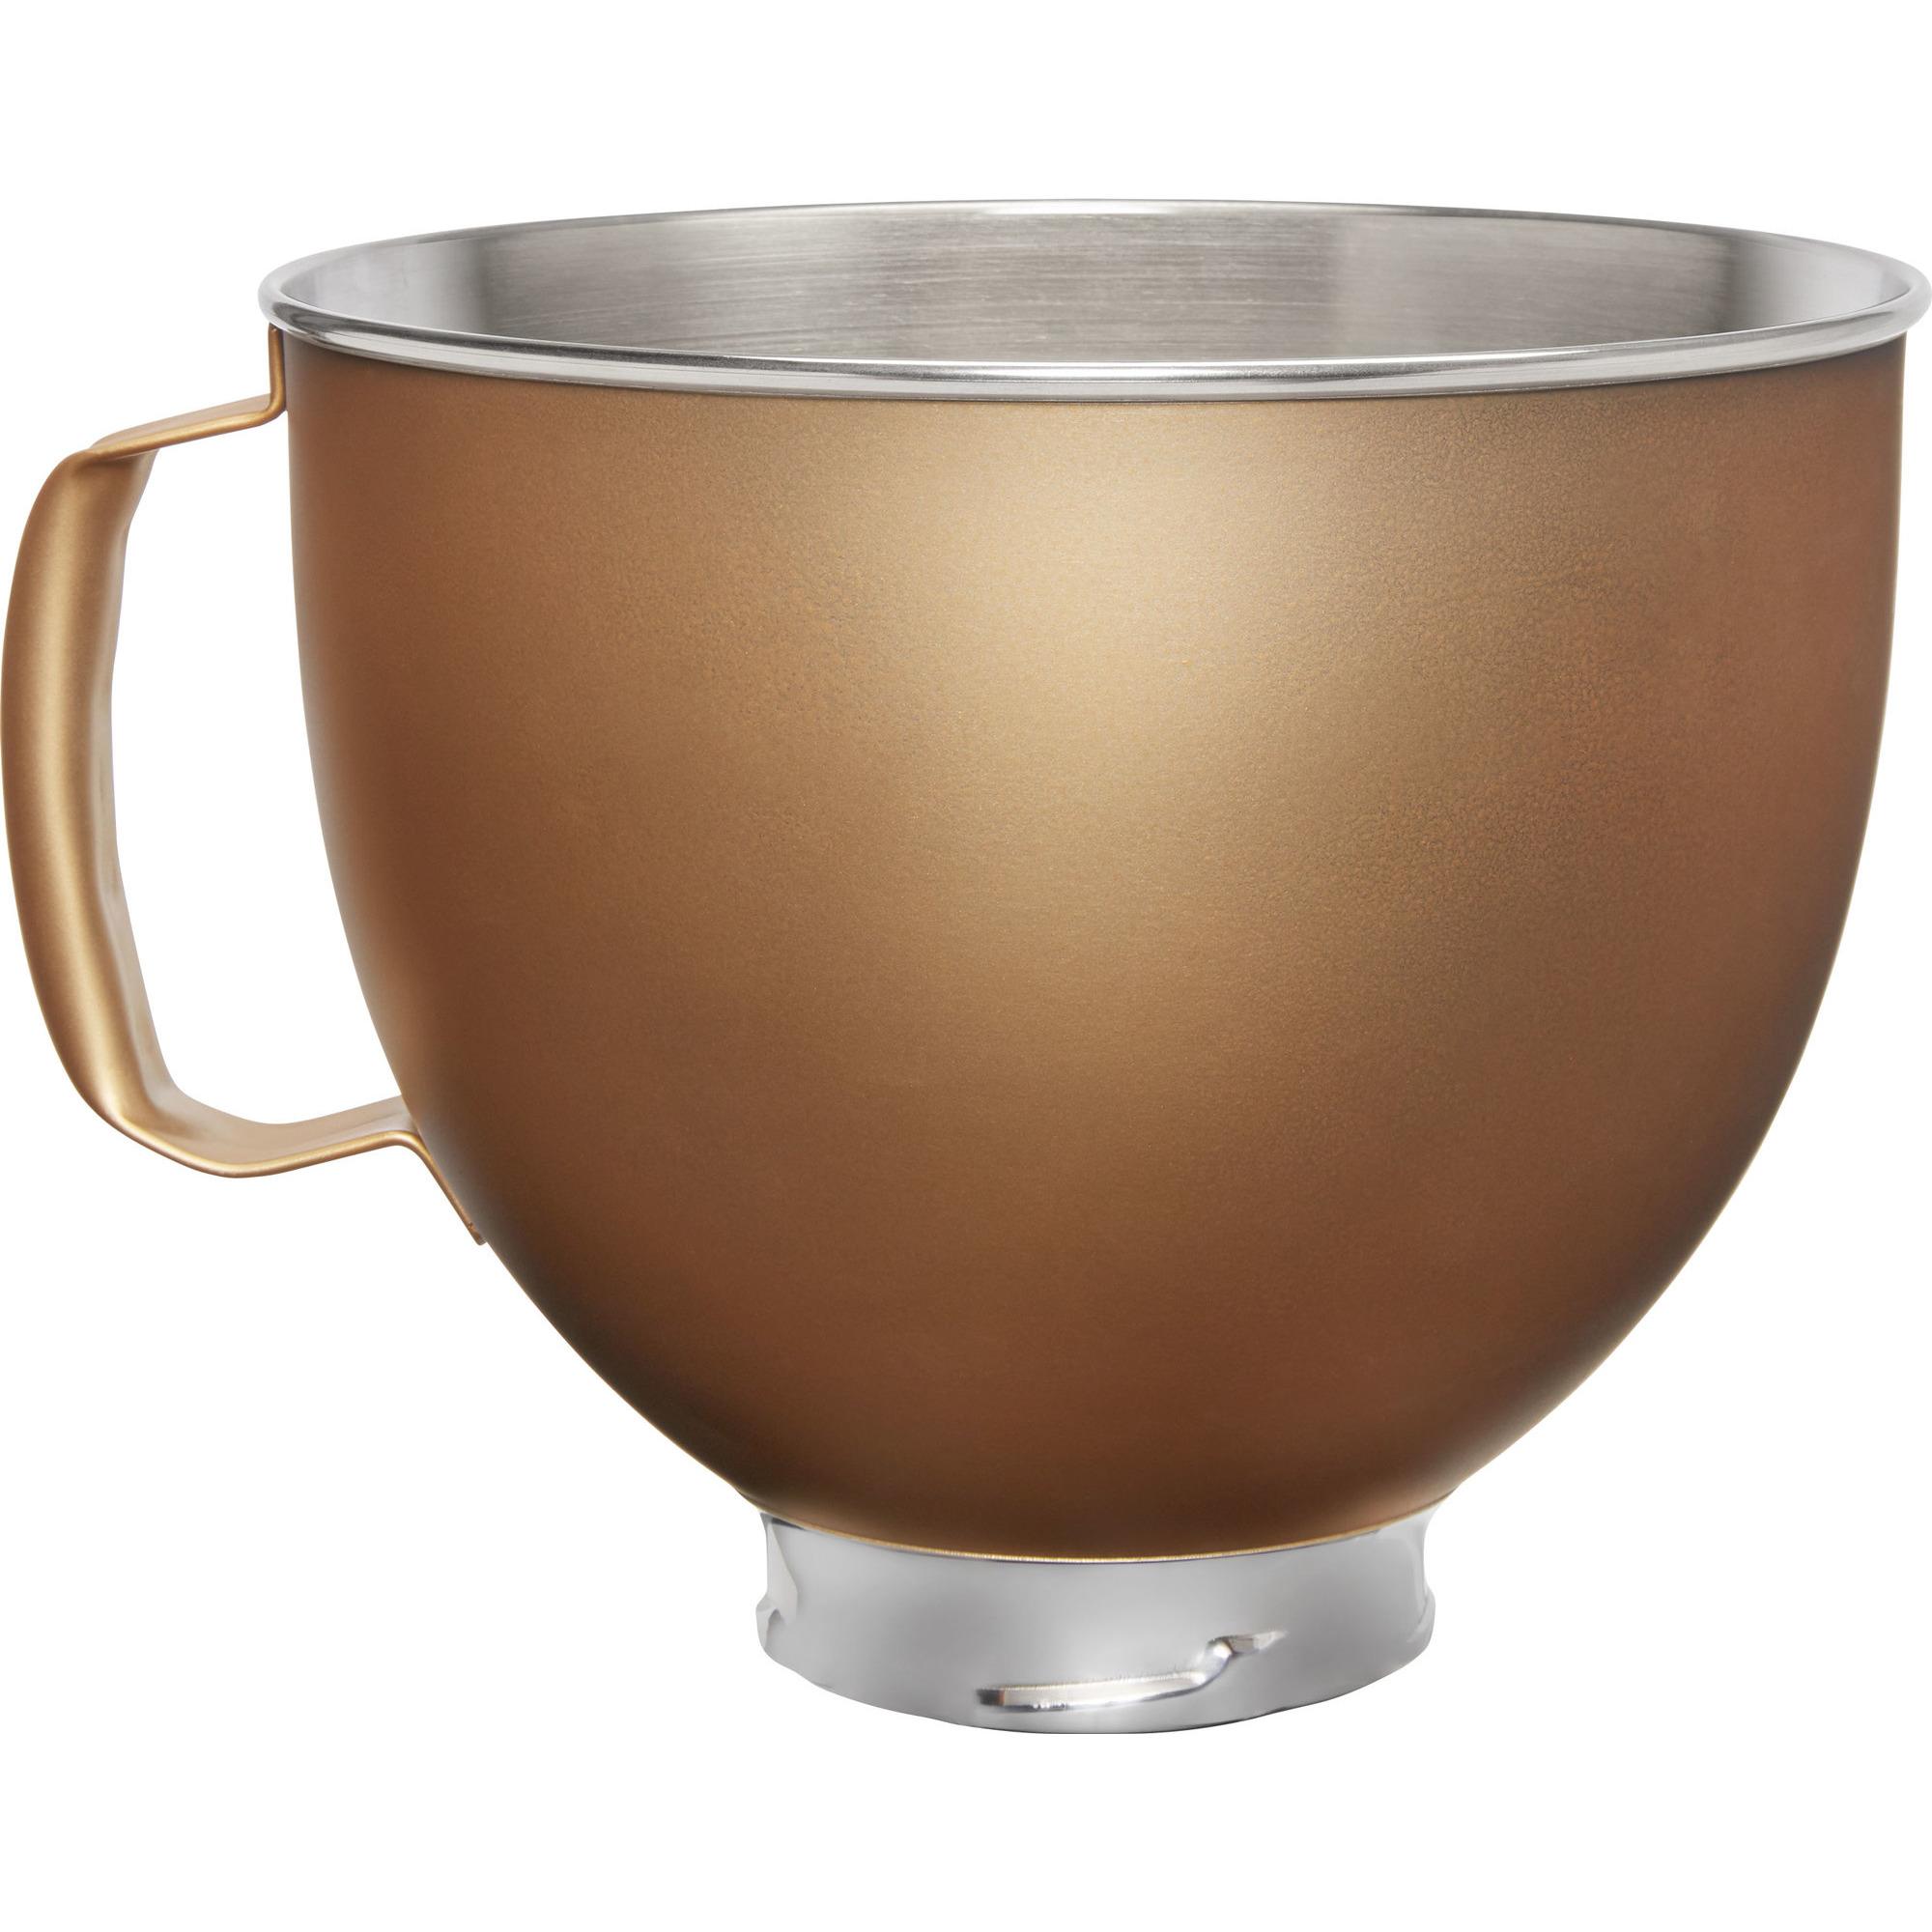 KitchenAid Skål i rostfritt stål till K5 Köksmaskin guld